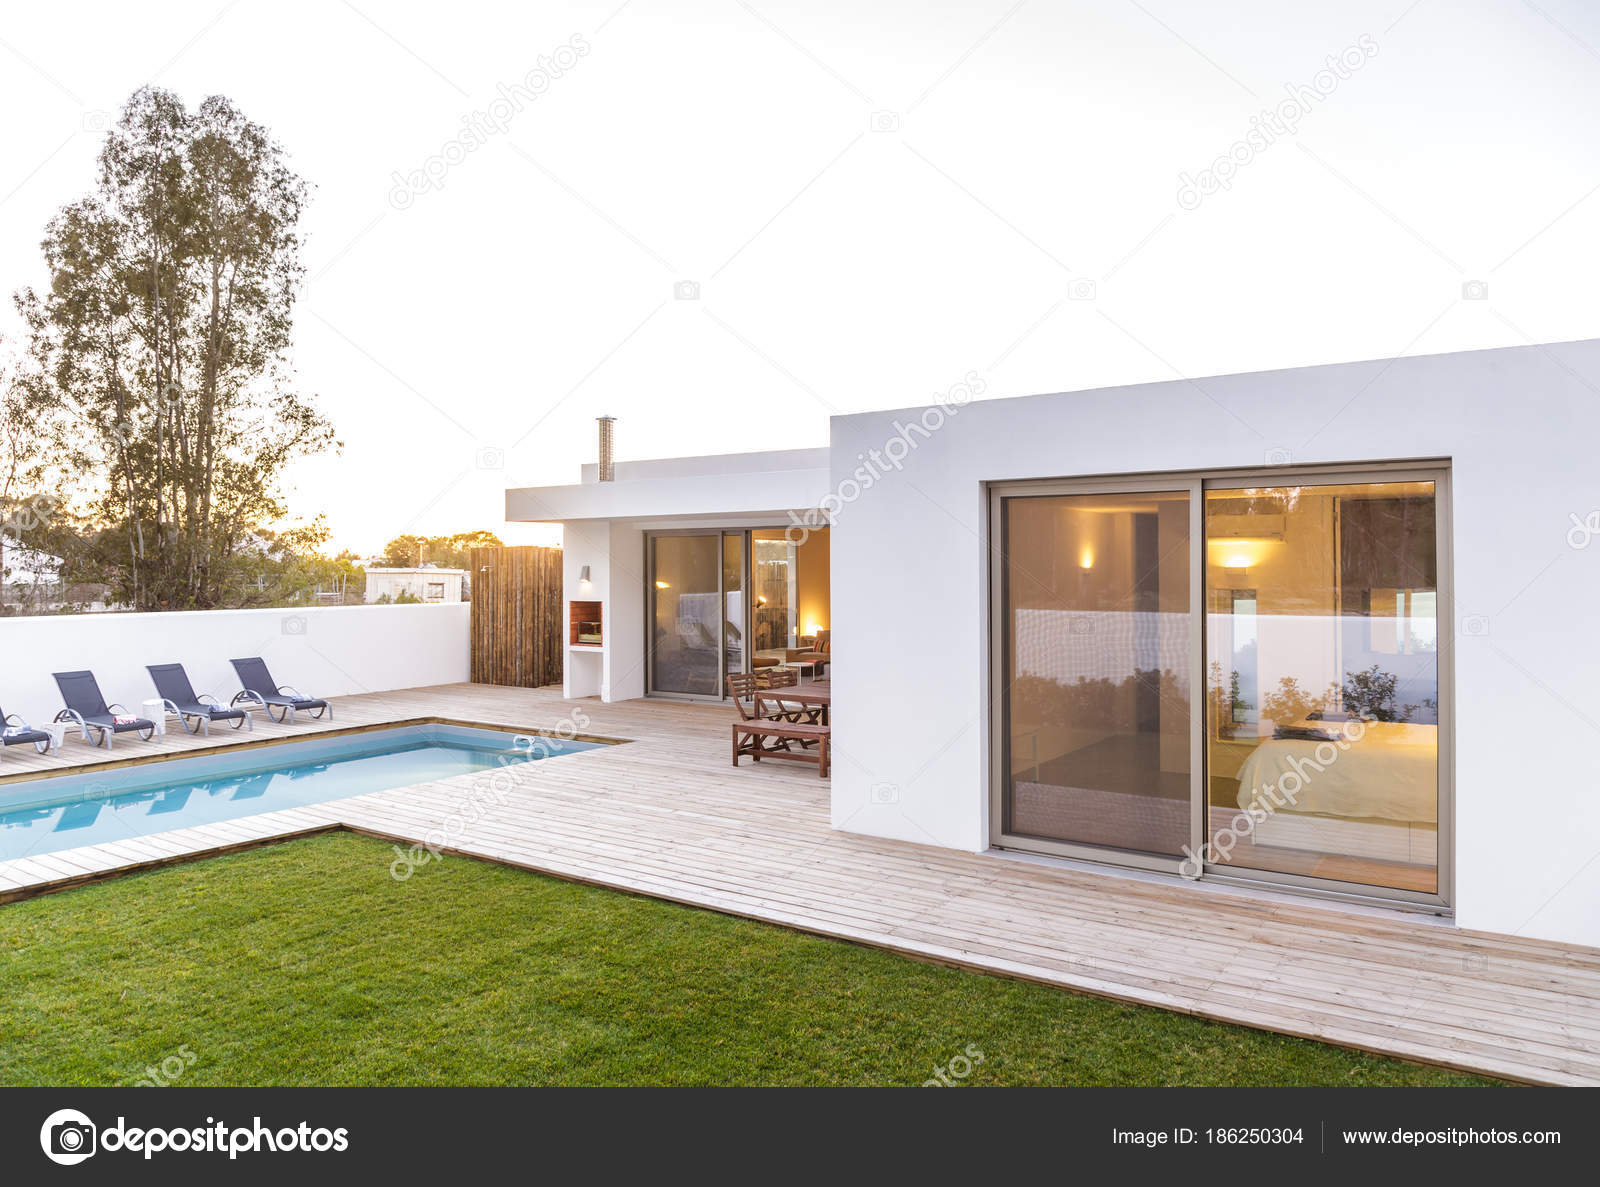 Casa moderna con giardino piscina e solarium in legno \u2014 Foto di papandreos